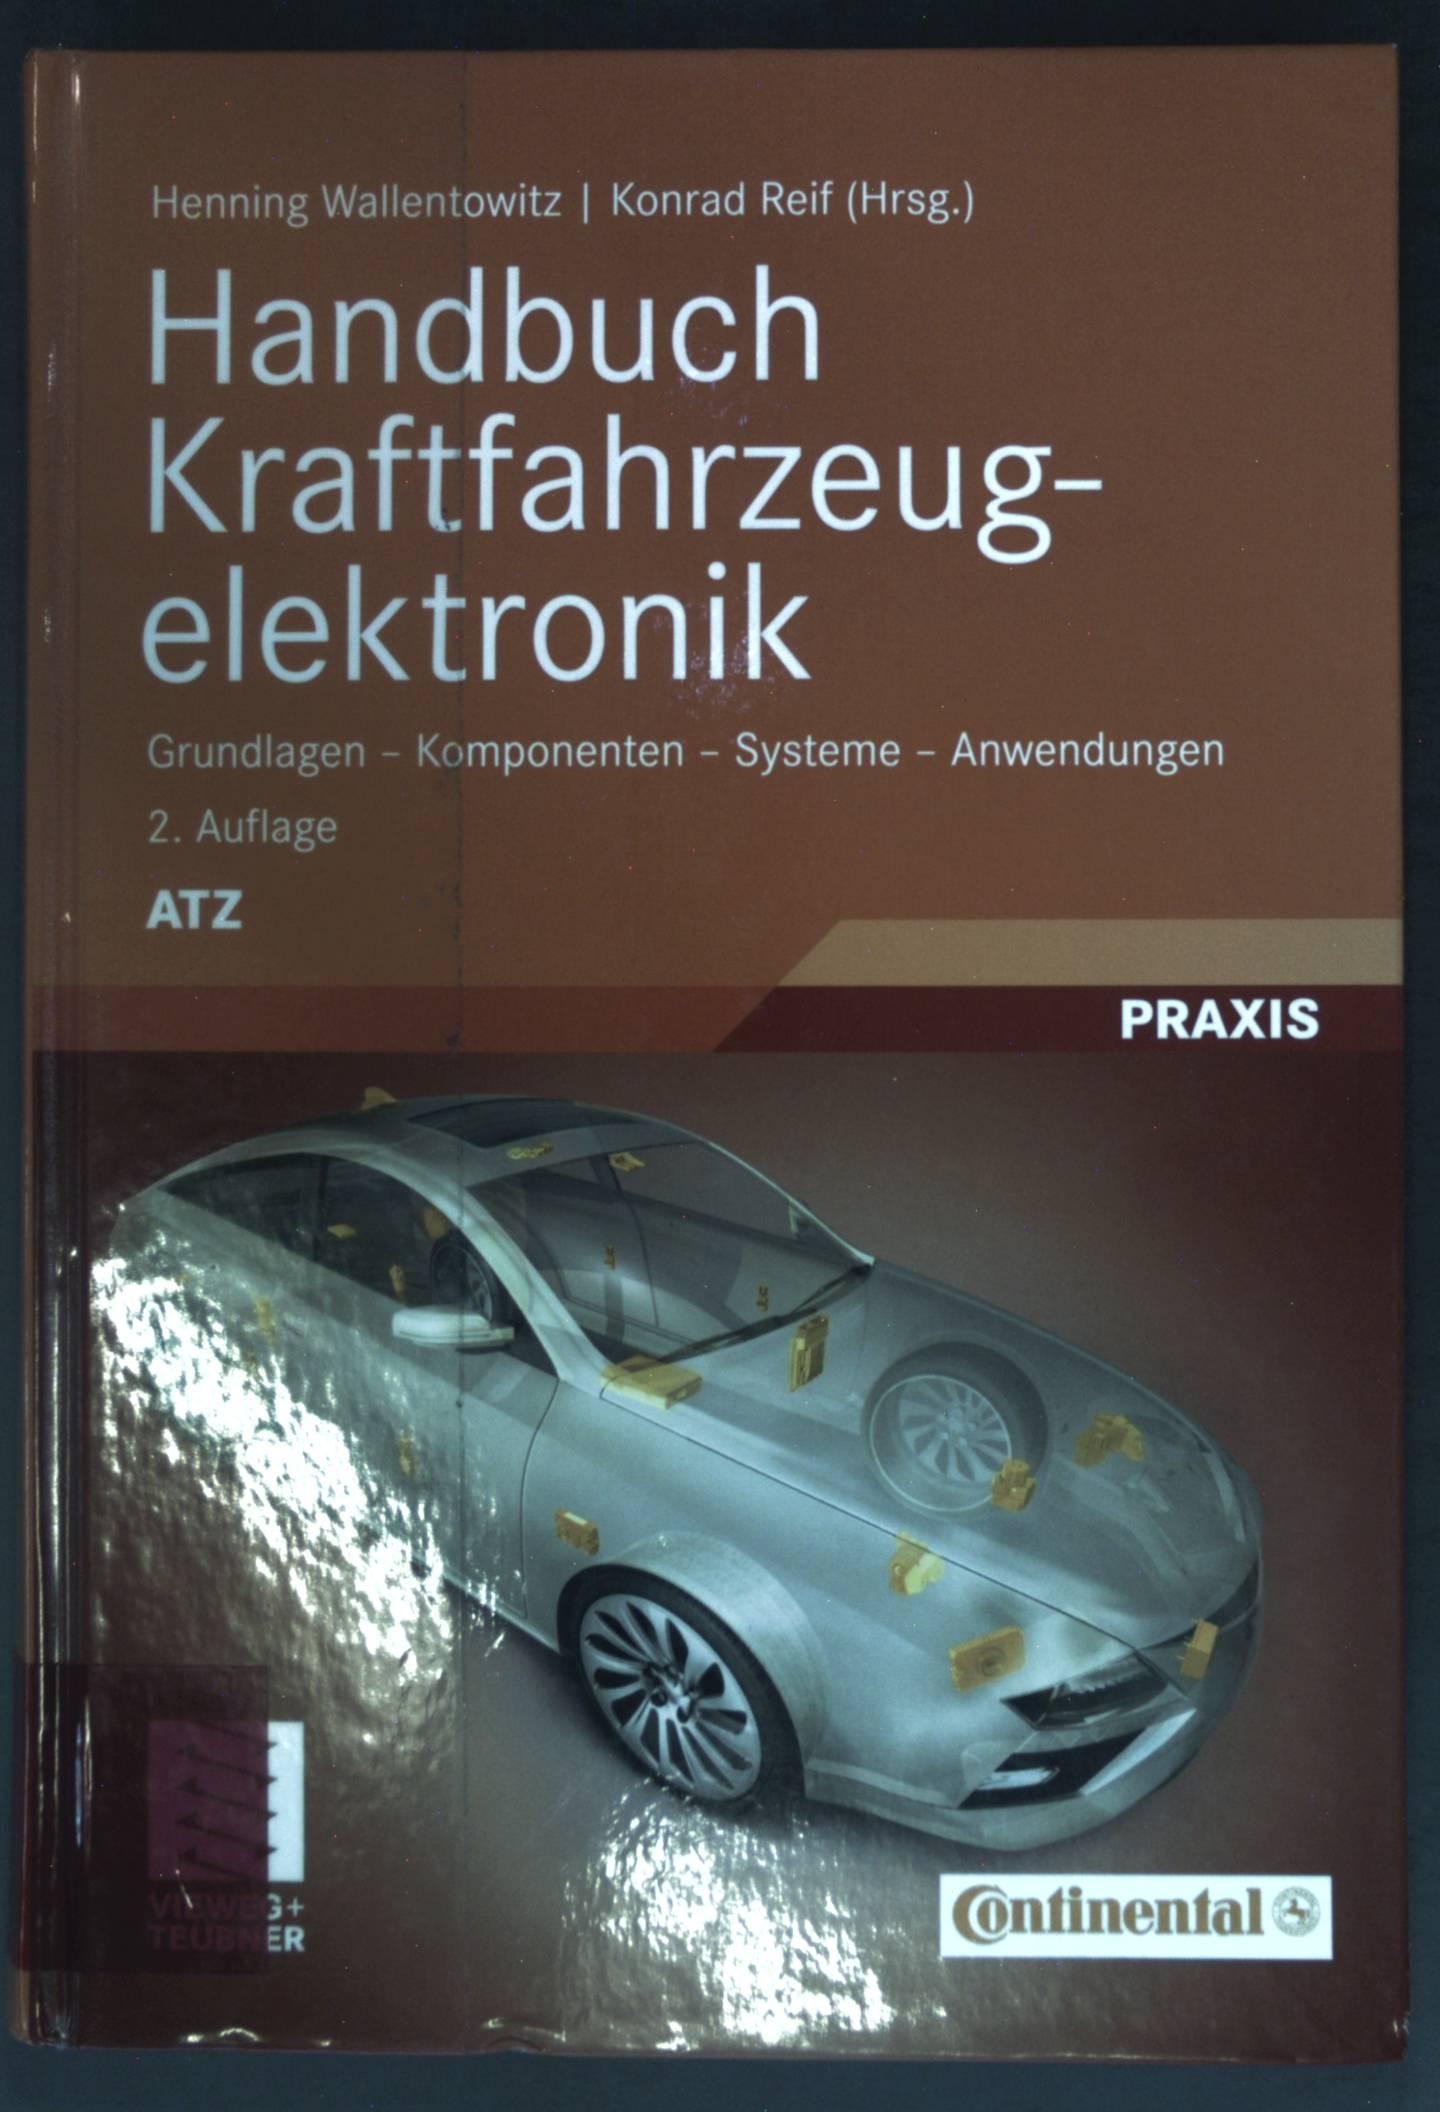 Handbuch Kraftfahrzeugelektronik : Grundlagen ; Komponenten ; Systeme ; Anwendungen ; Praxis; ATZ-MTZ Fachbuch - Wallentowitz, Henning und Konrad Reif